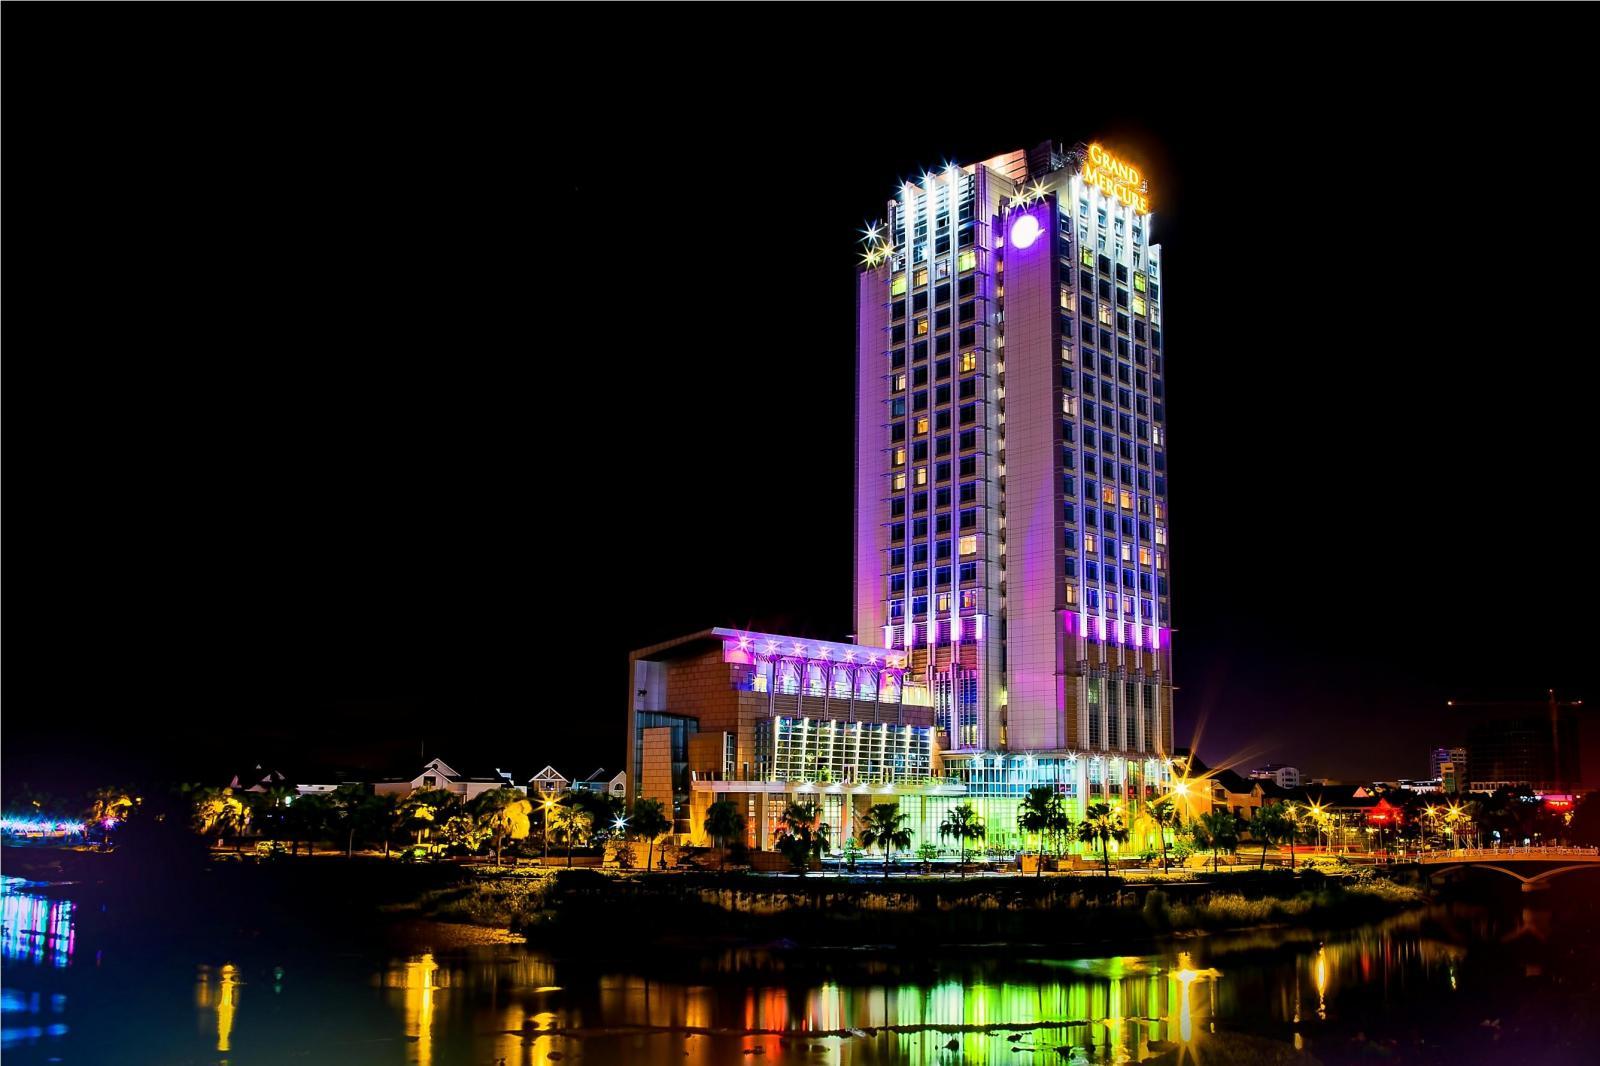 tòa nhà cao tầng nằm ven sông vào ban đêm